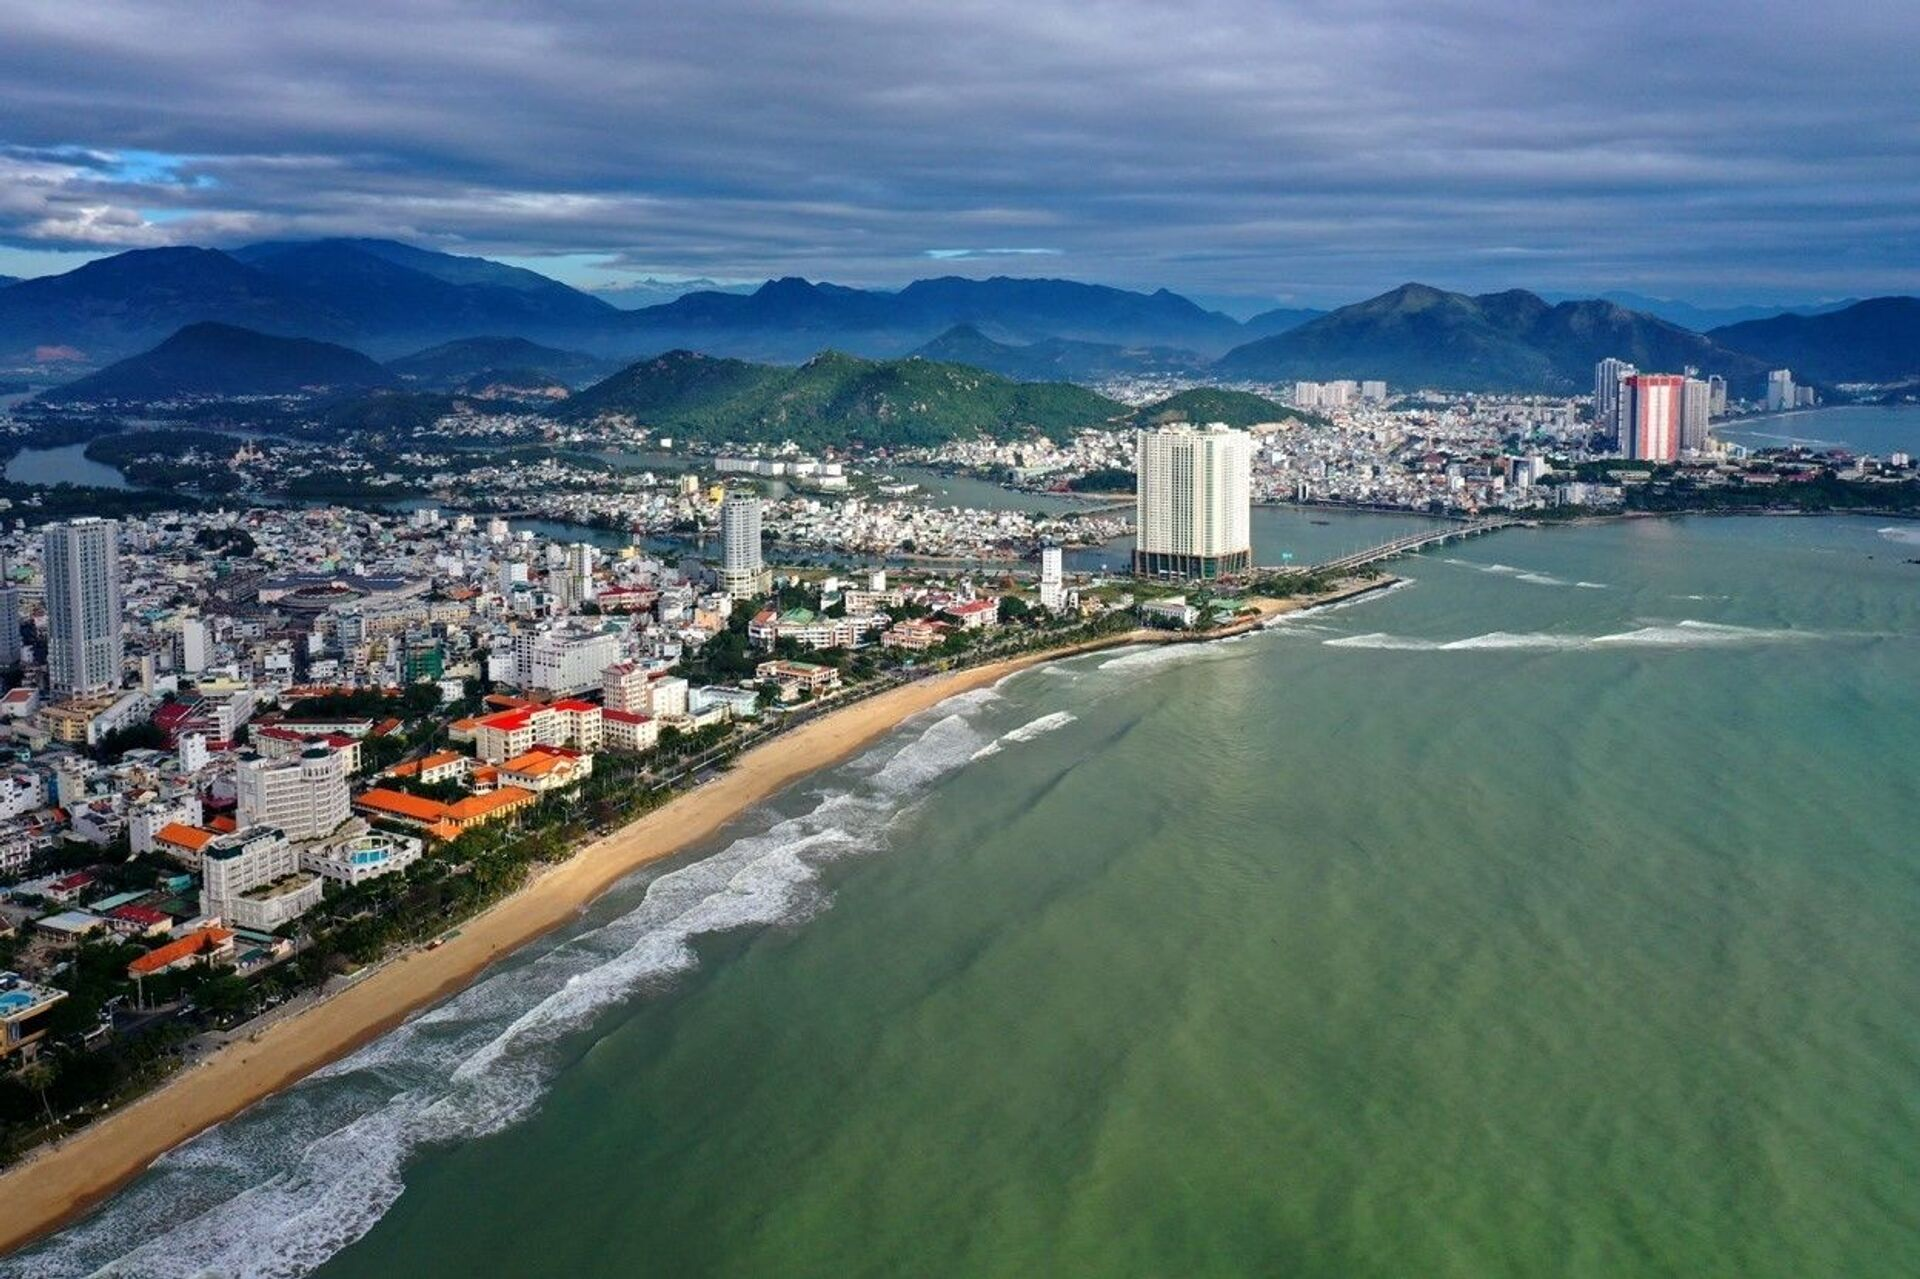 Đề xuất Việt Nam mở cửa biên giới, đón khách du lịch quốc tế trở lại - Sputnik Việt Nam, 1920, 05.03.2021